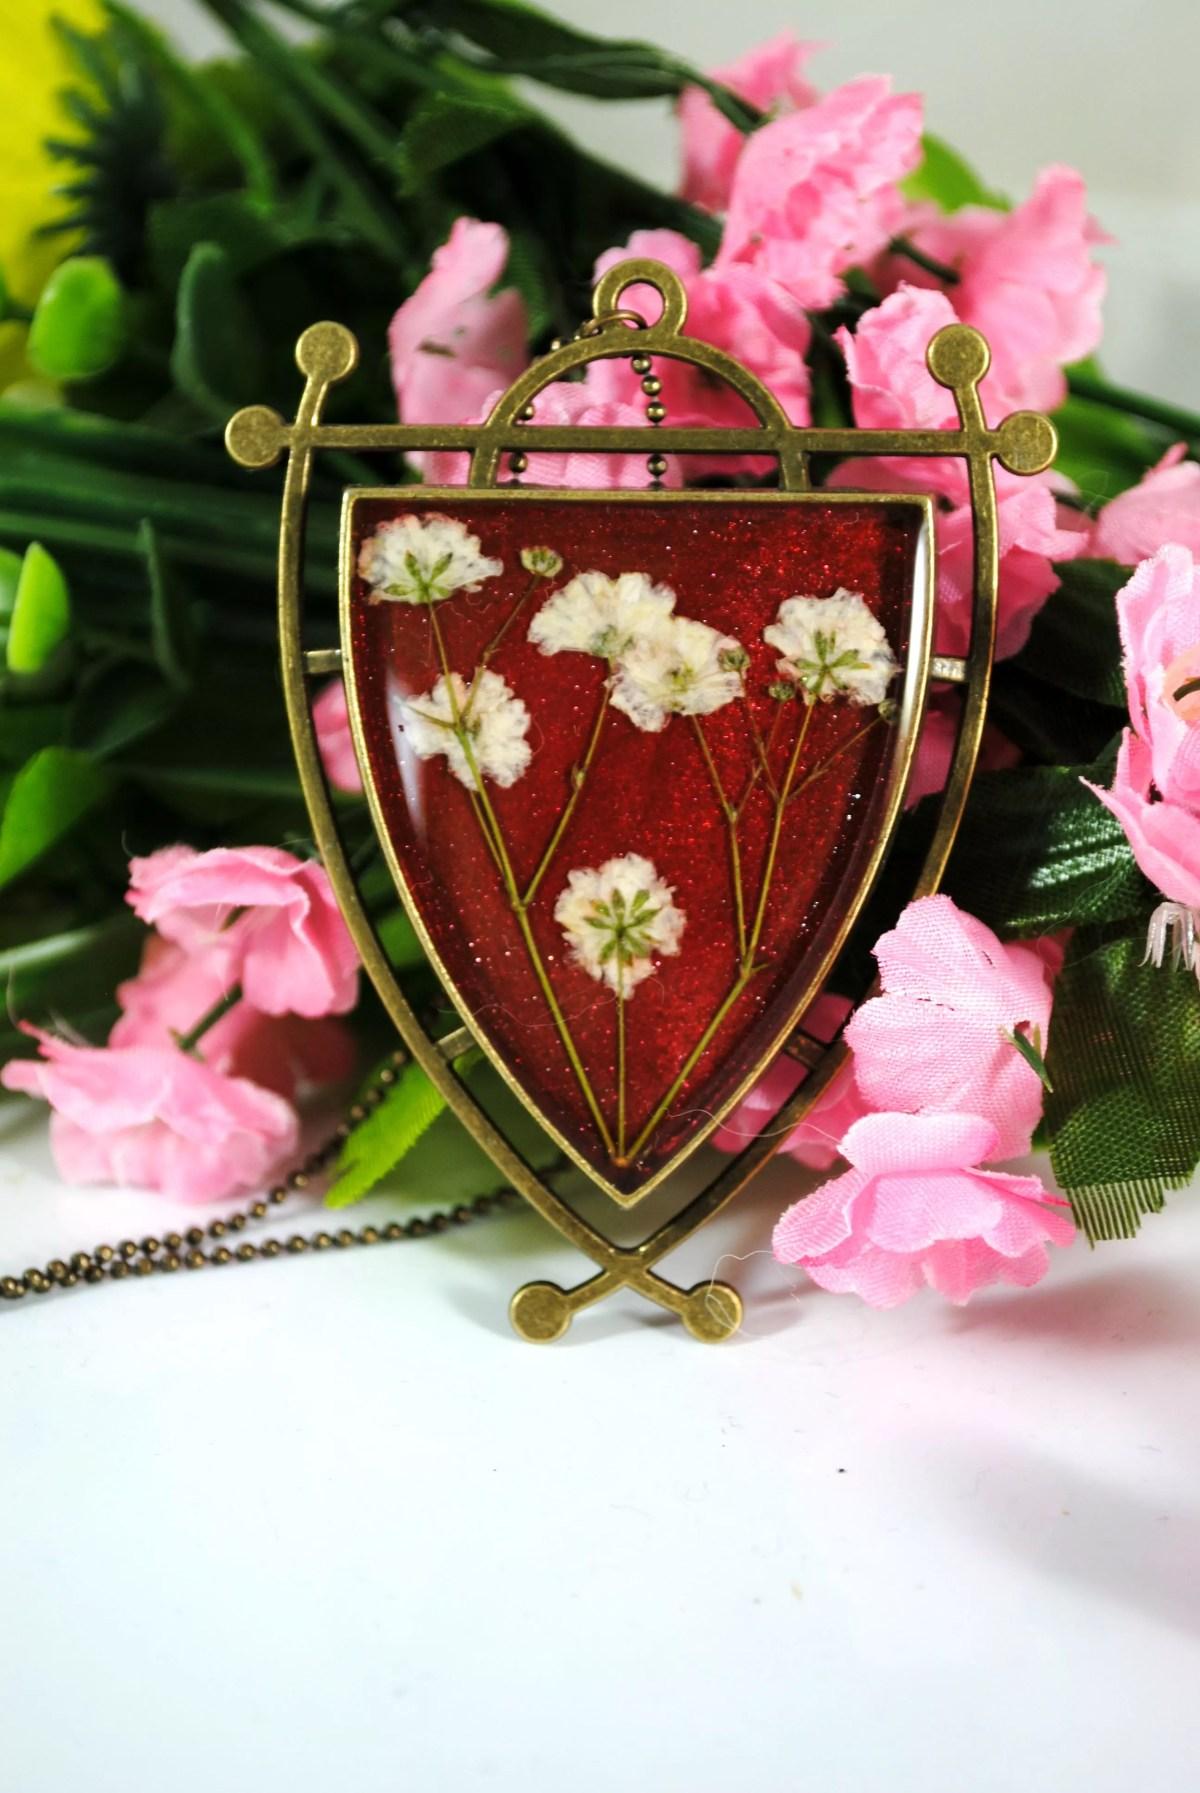 finished resin flowerr pendant